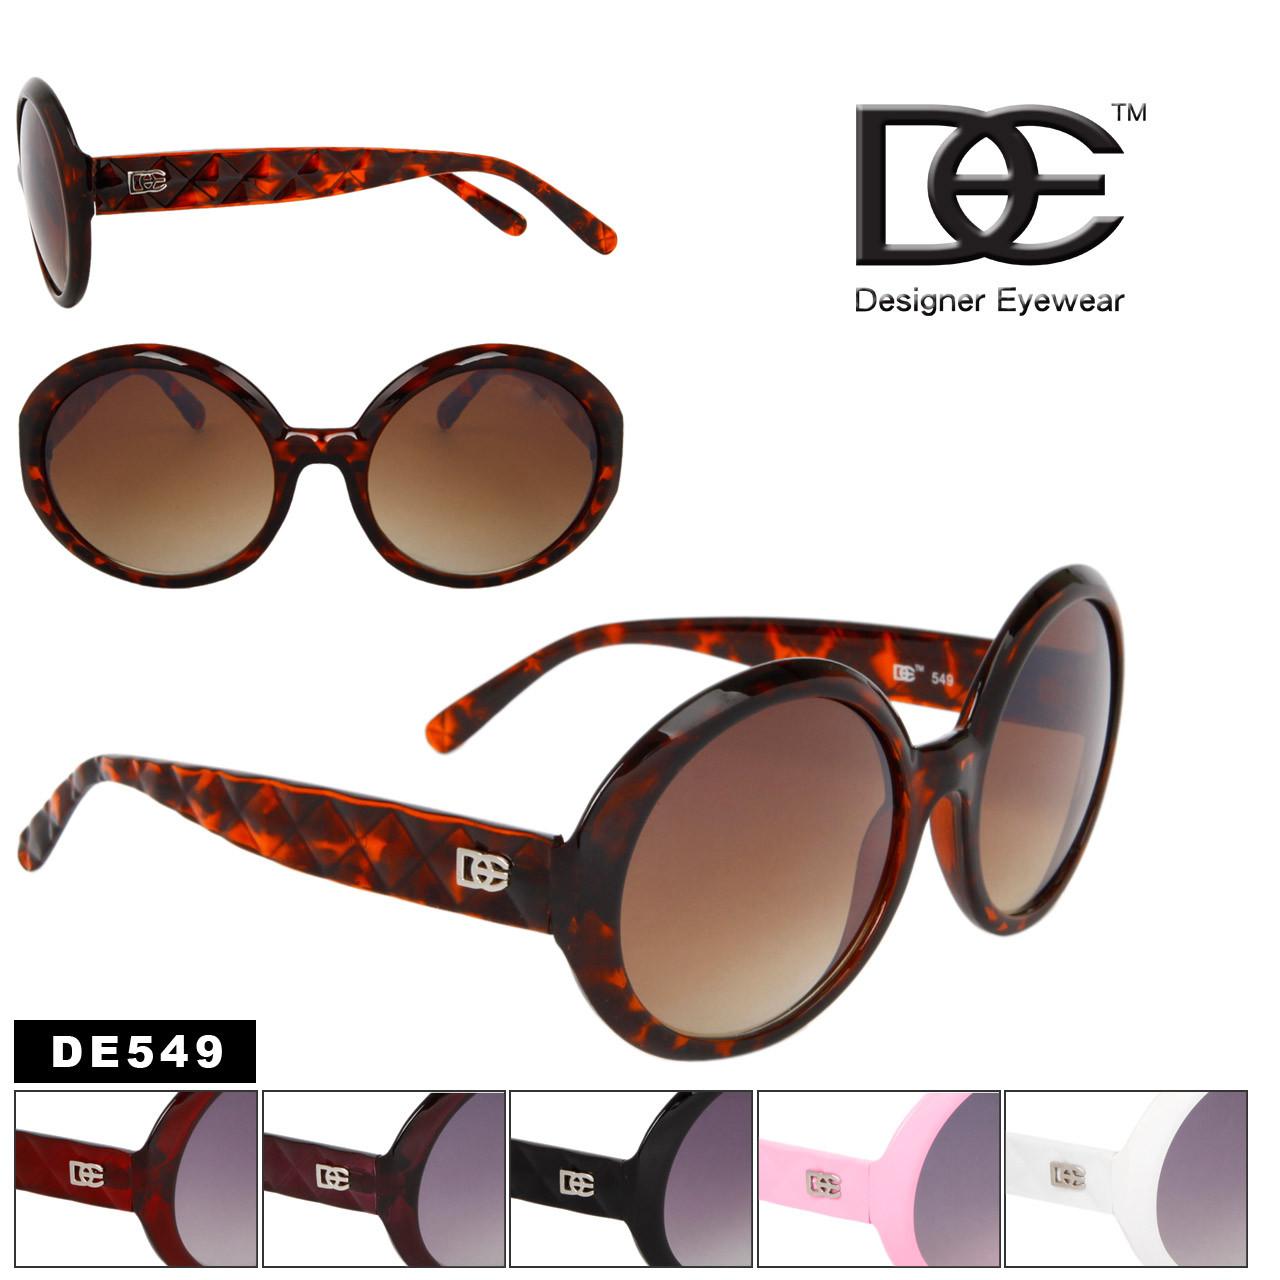 DE549 Vintage Women's Sunglasses